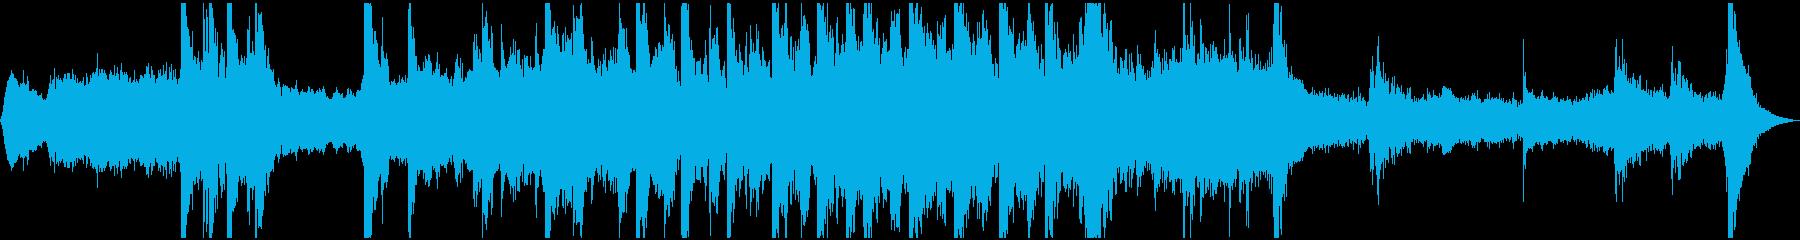 オーケストラによる戦いの終わりのイメージの再生済みの波形